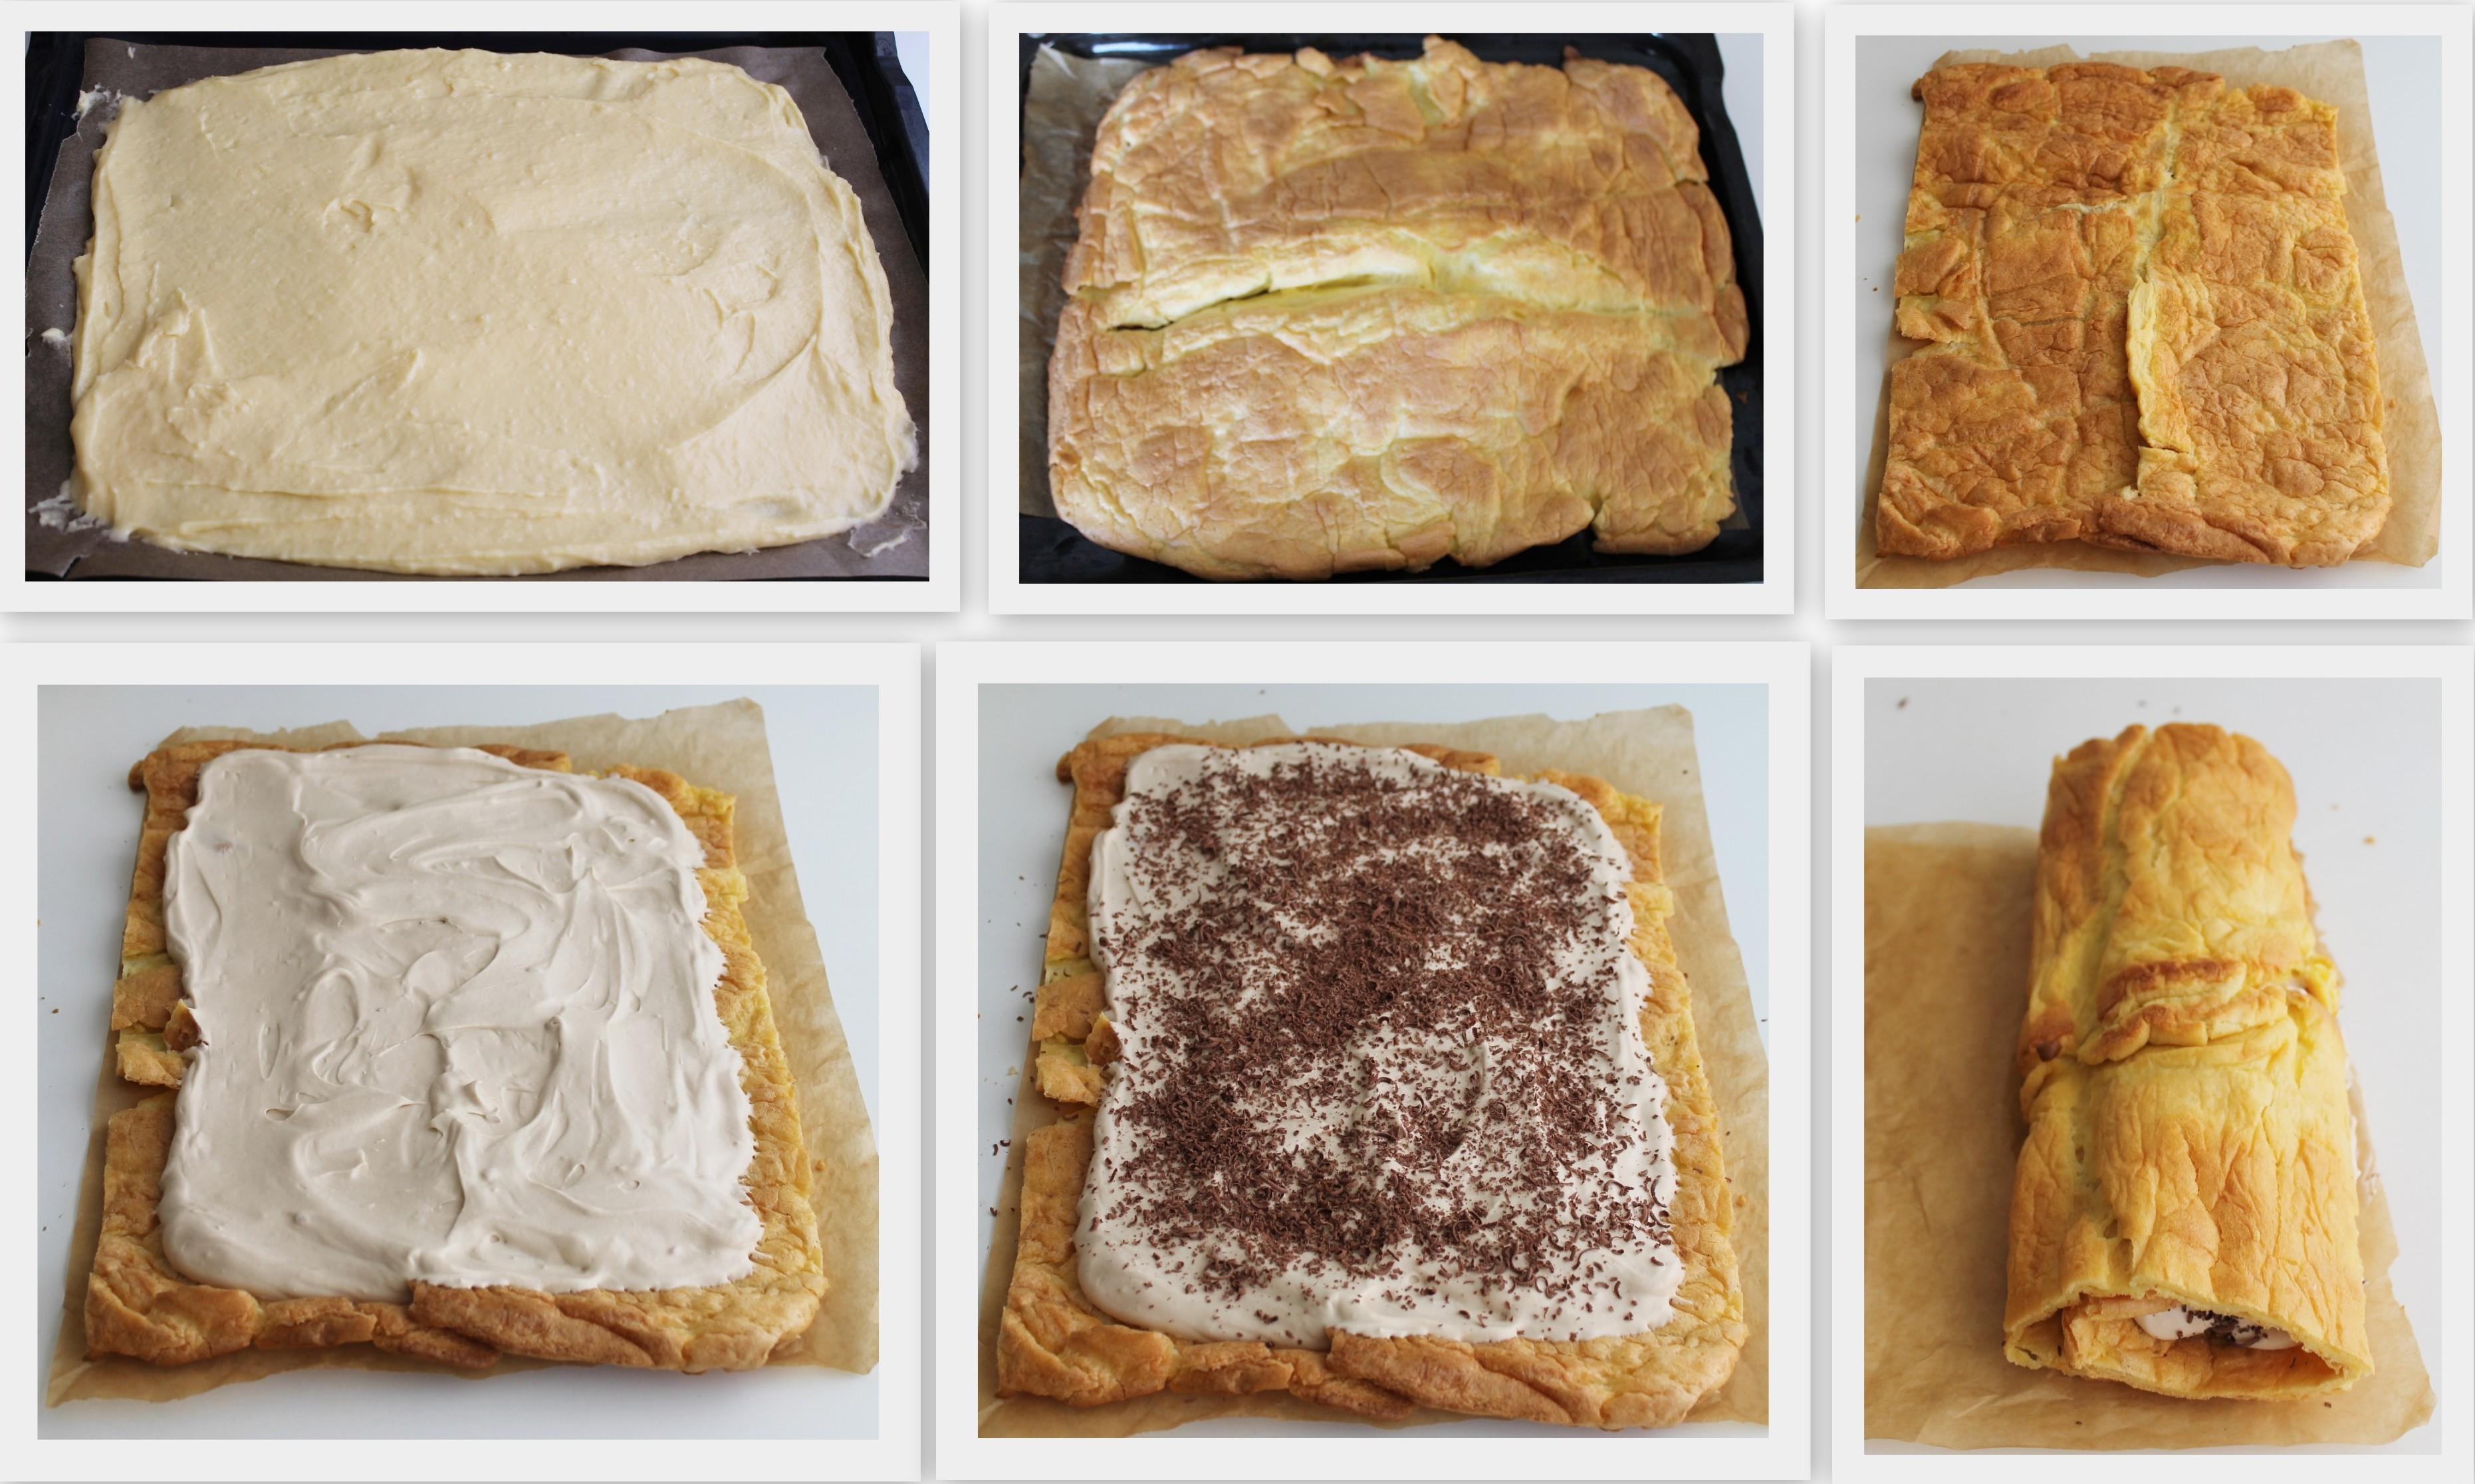 Rouleau da pâte à choux et chantilly aux noisettes sans gluten -La Cassata Celiaca